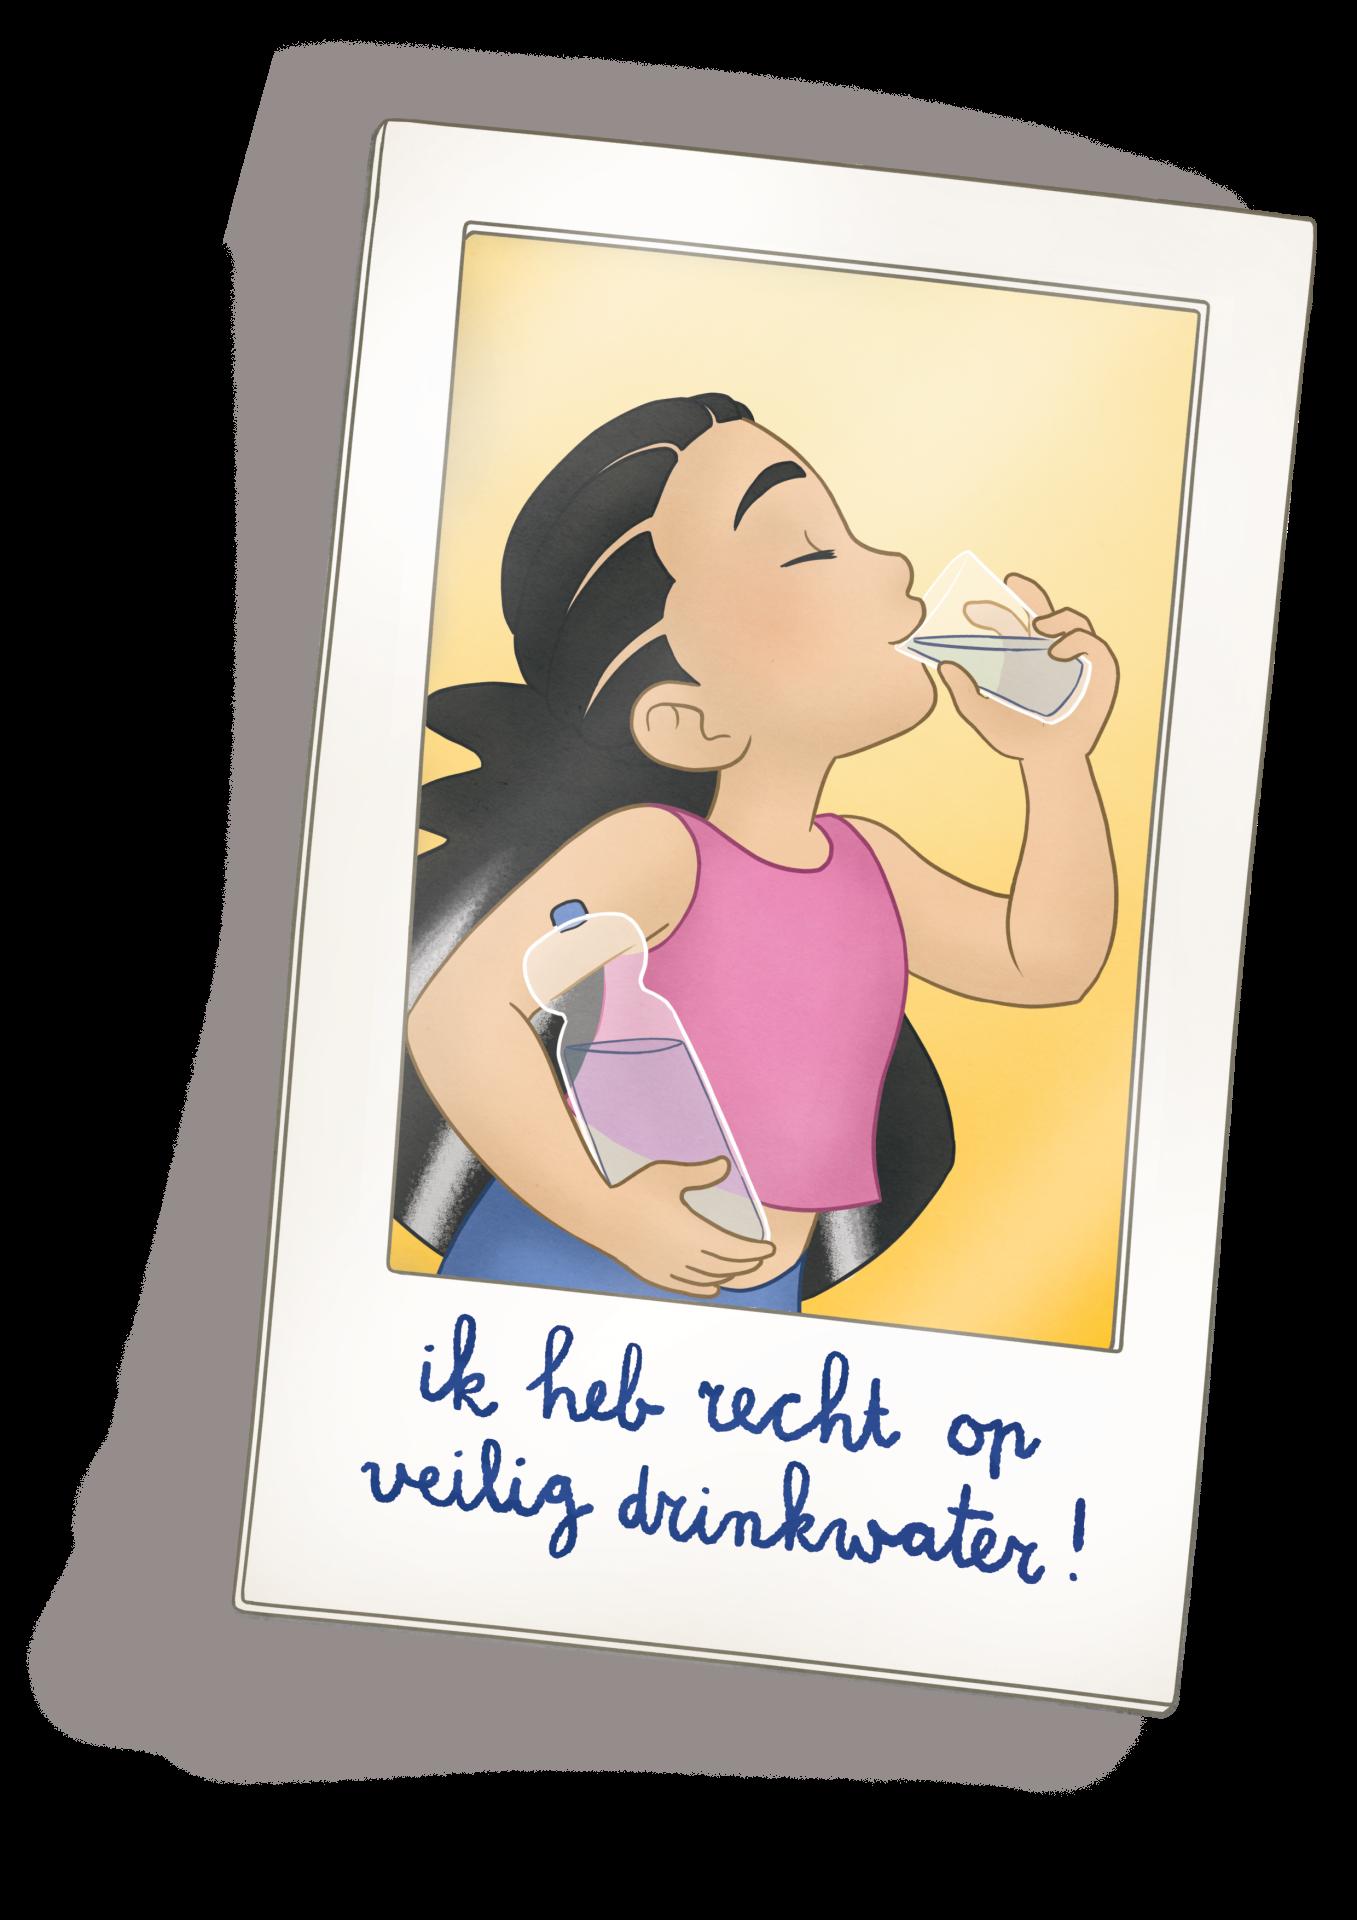 Recht op veilig drinkwater